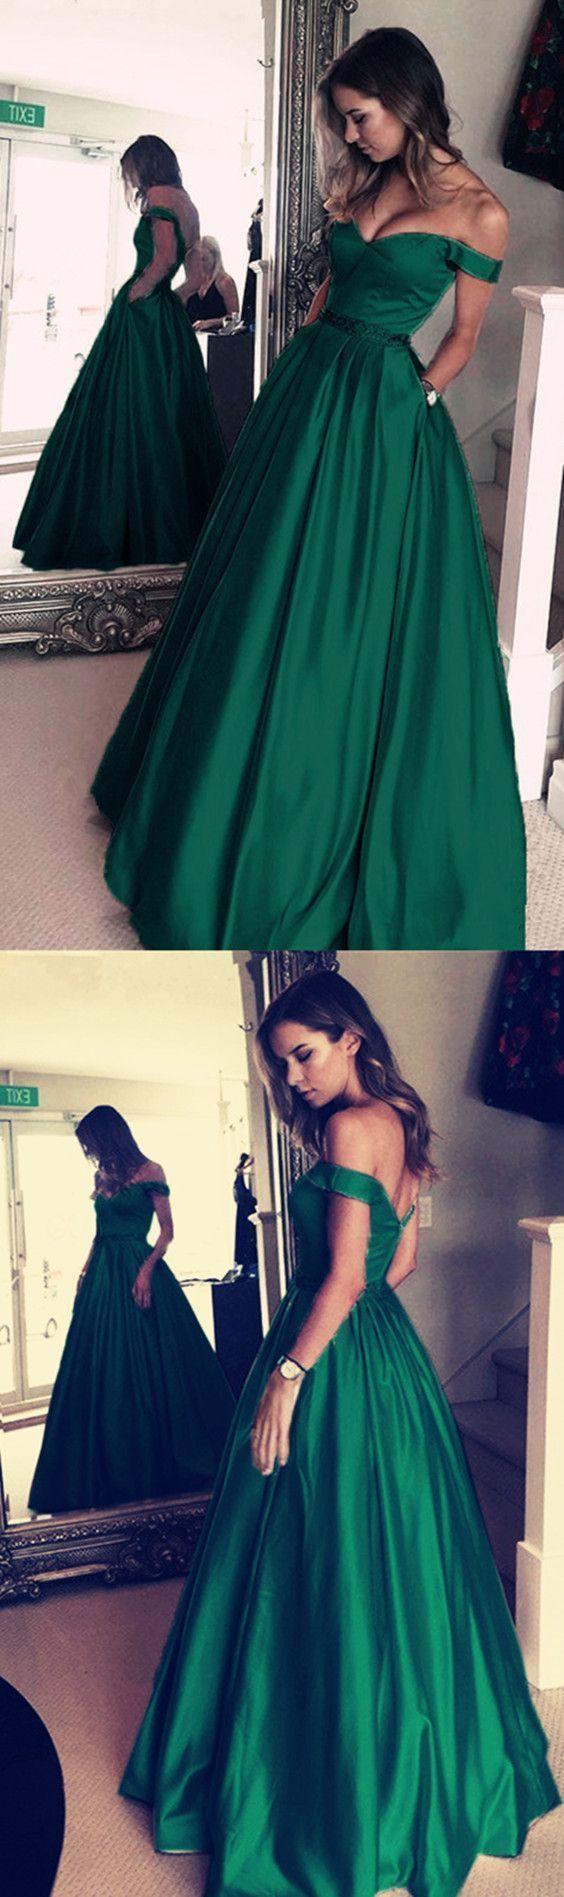 Off shoulder green simple elegant long prom dressbd long prom